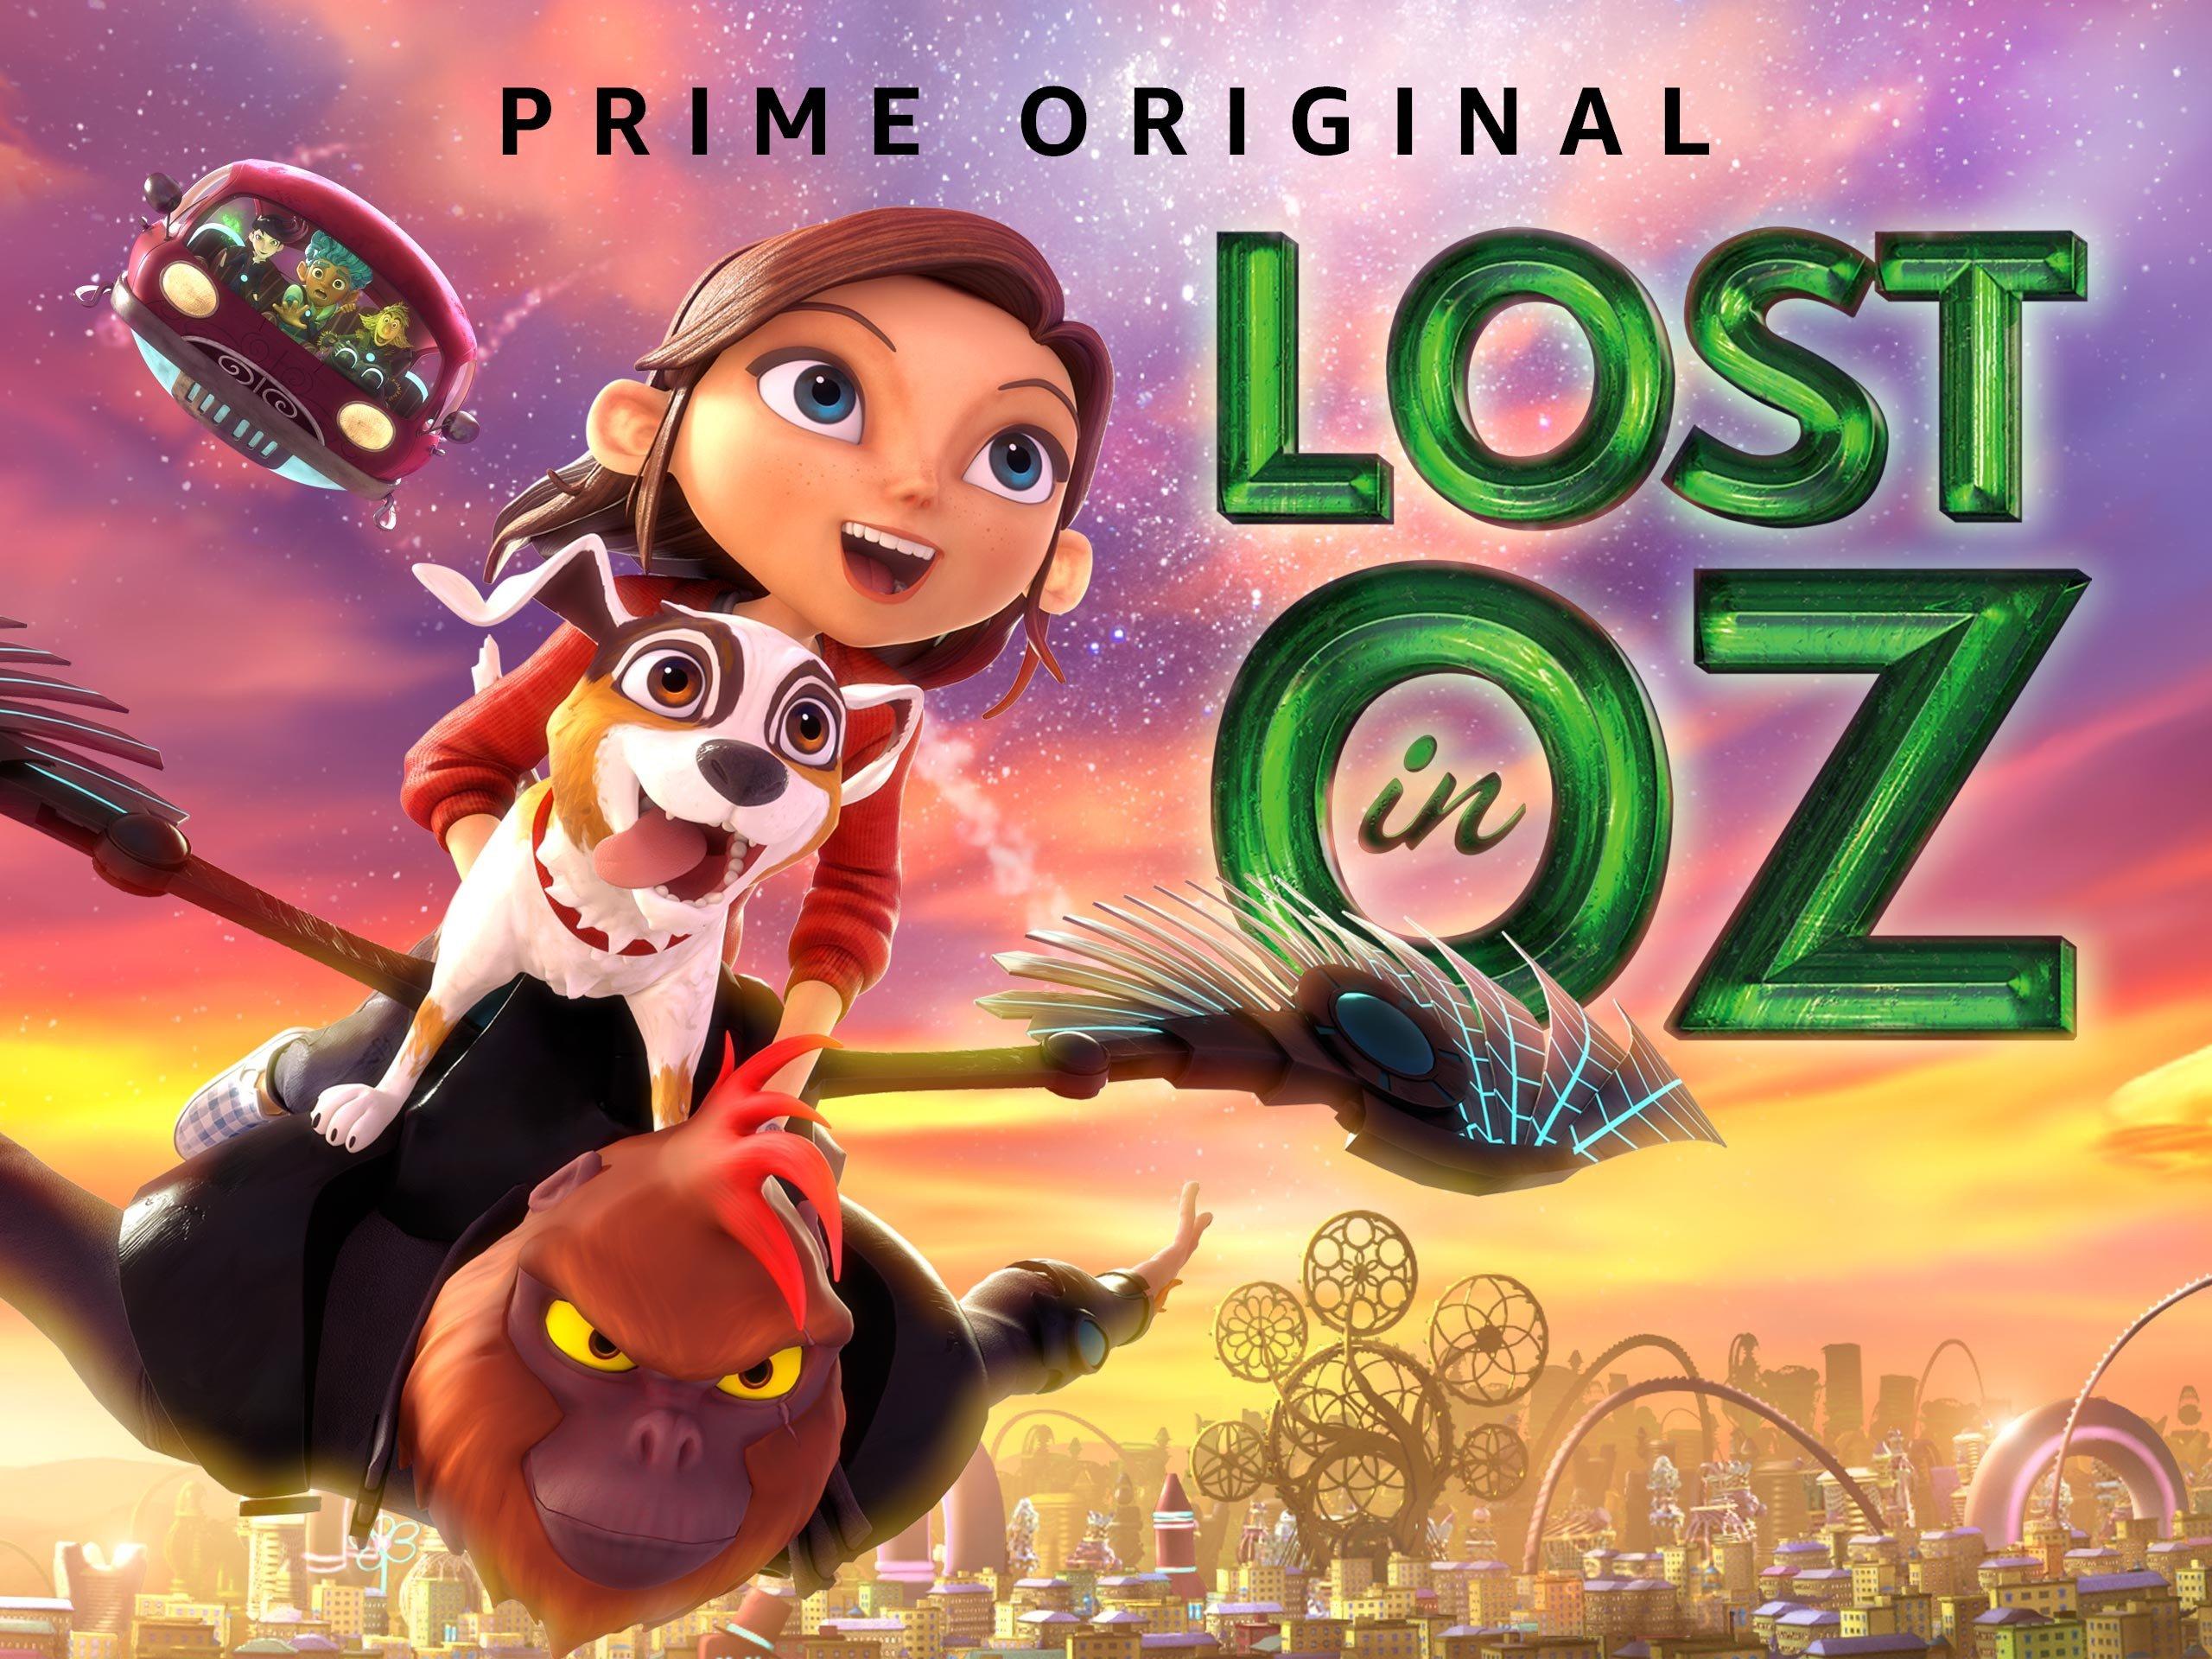 a19334b3a3f5 Amazon.com  Watch Lost in Oz - Season 1